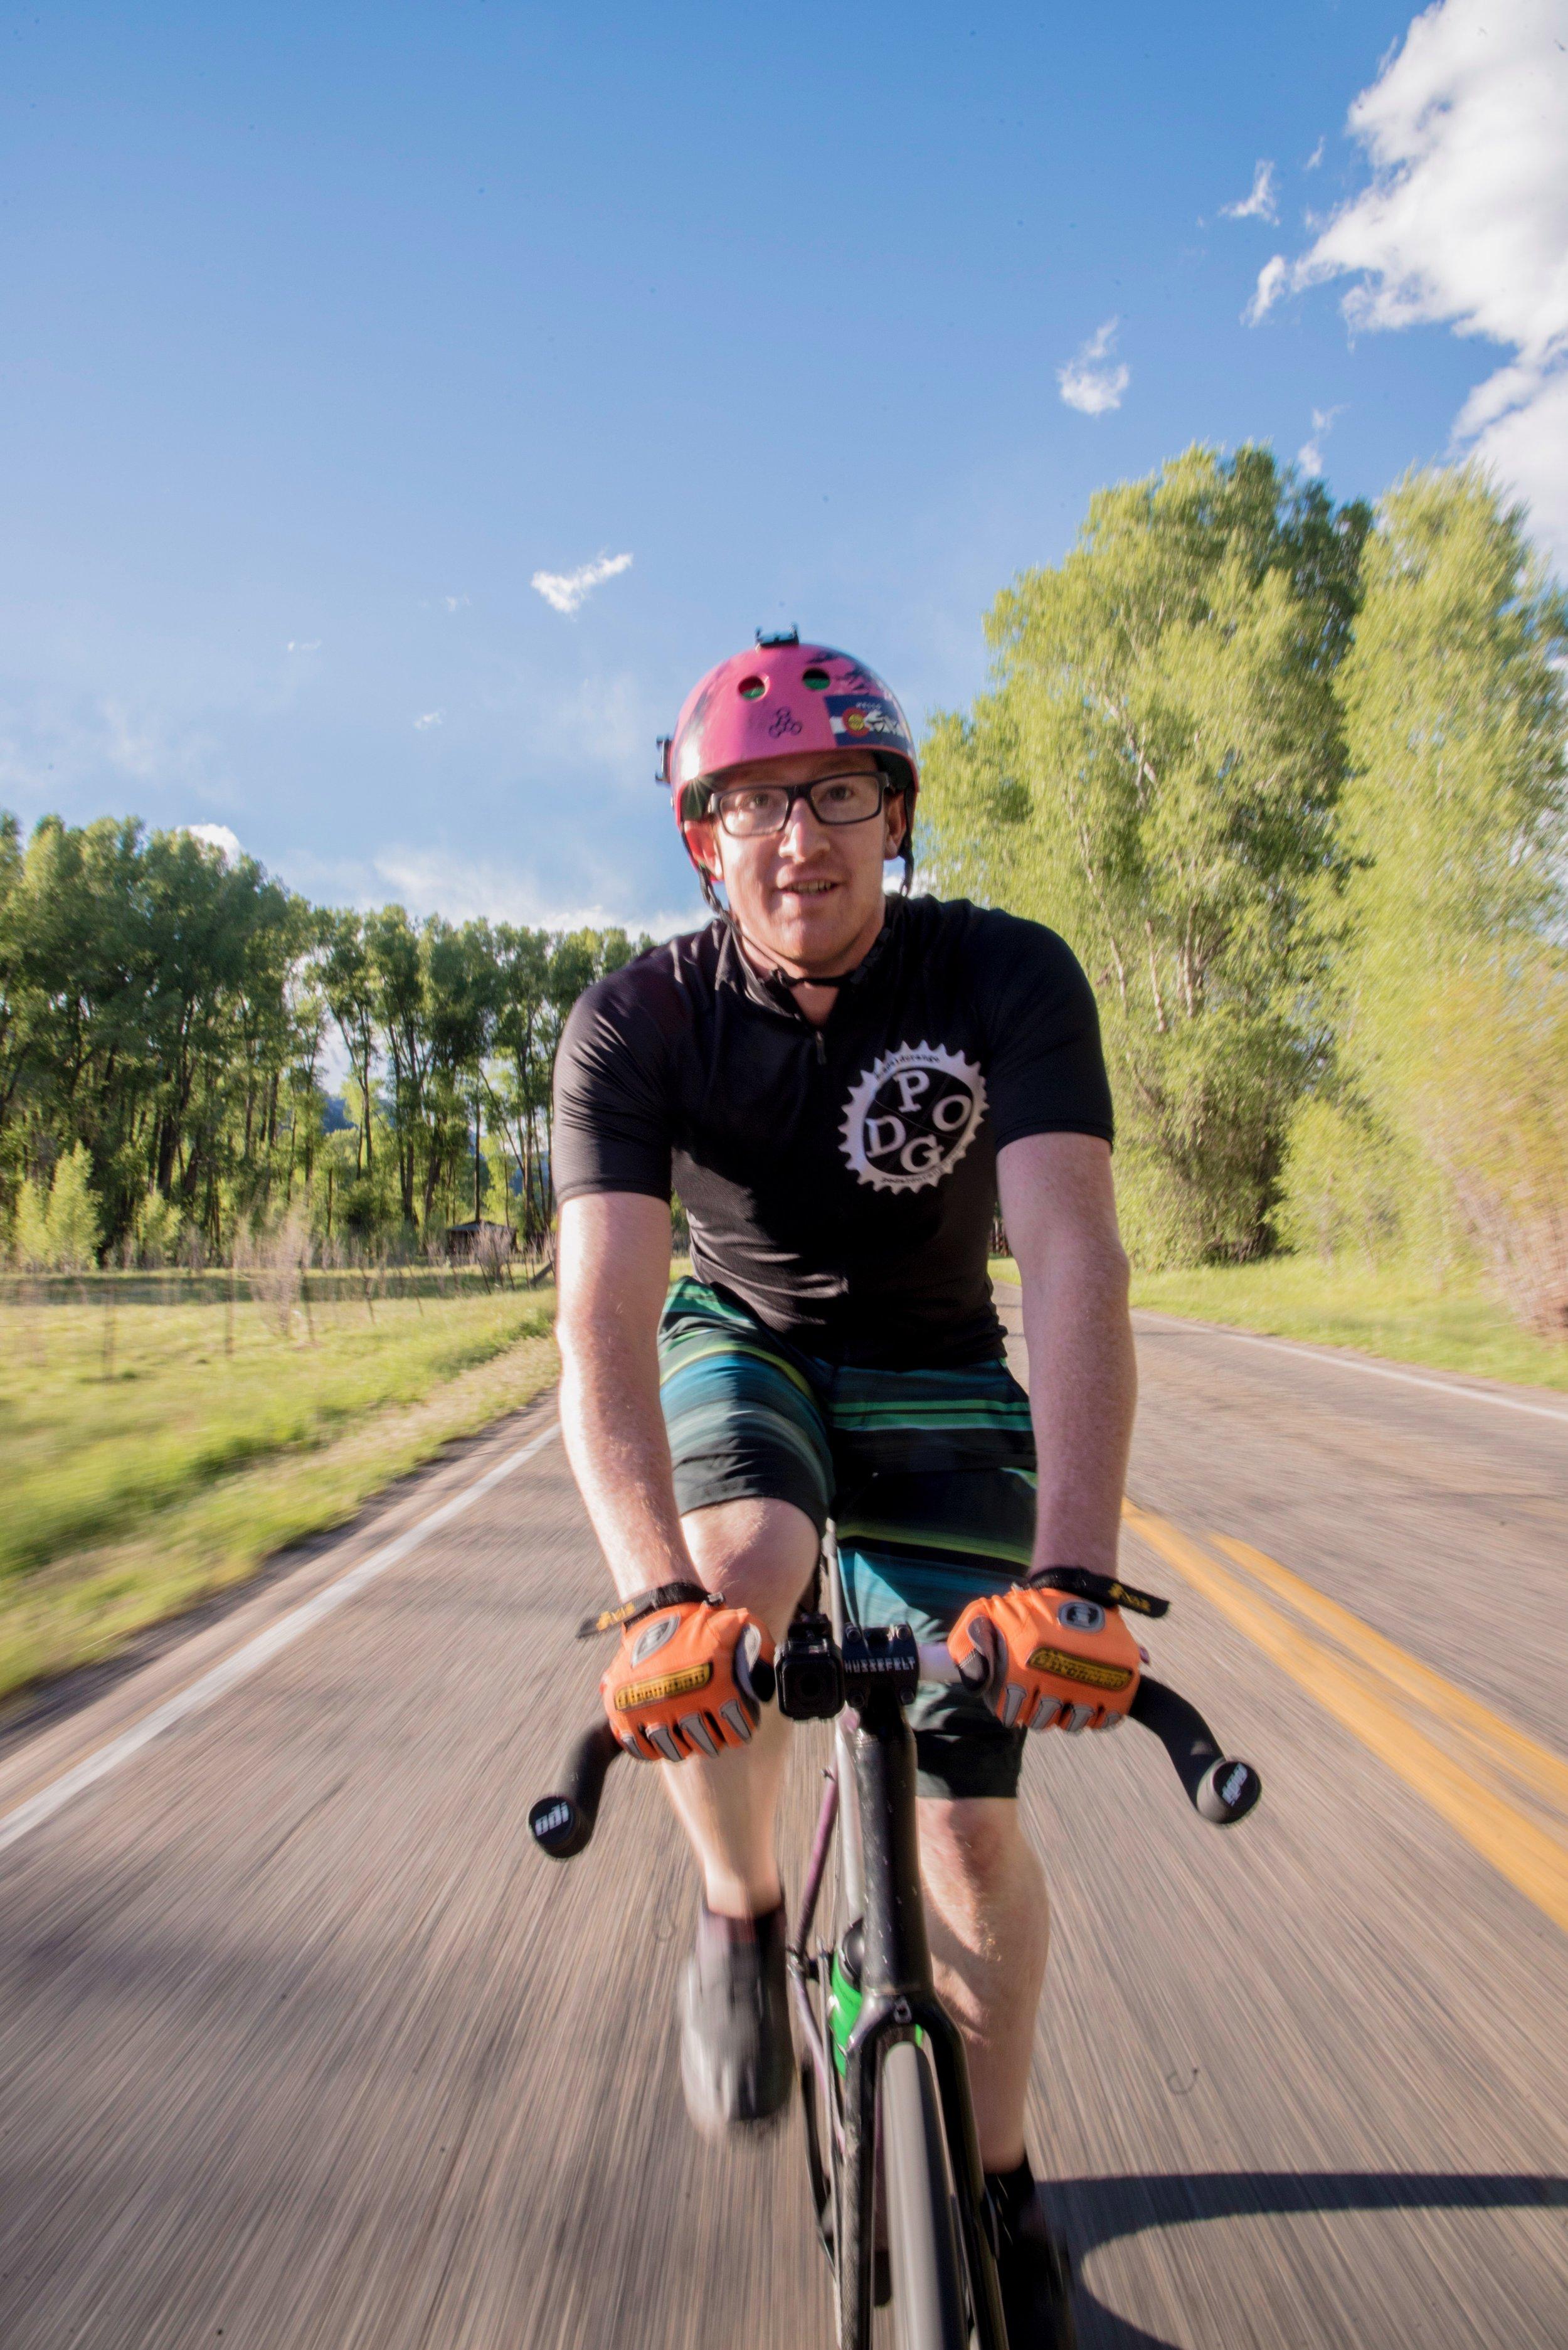 Biking should be fun!